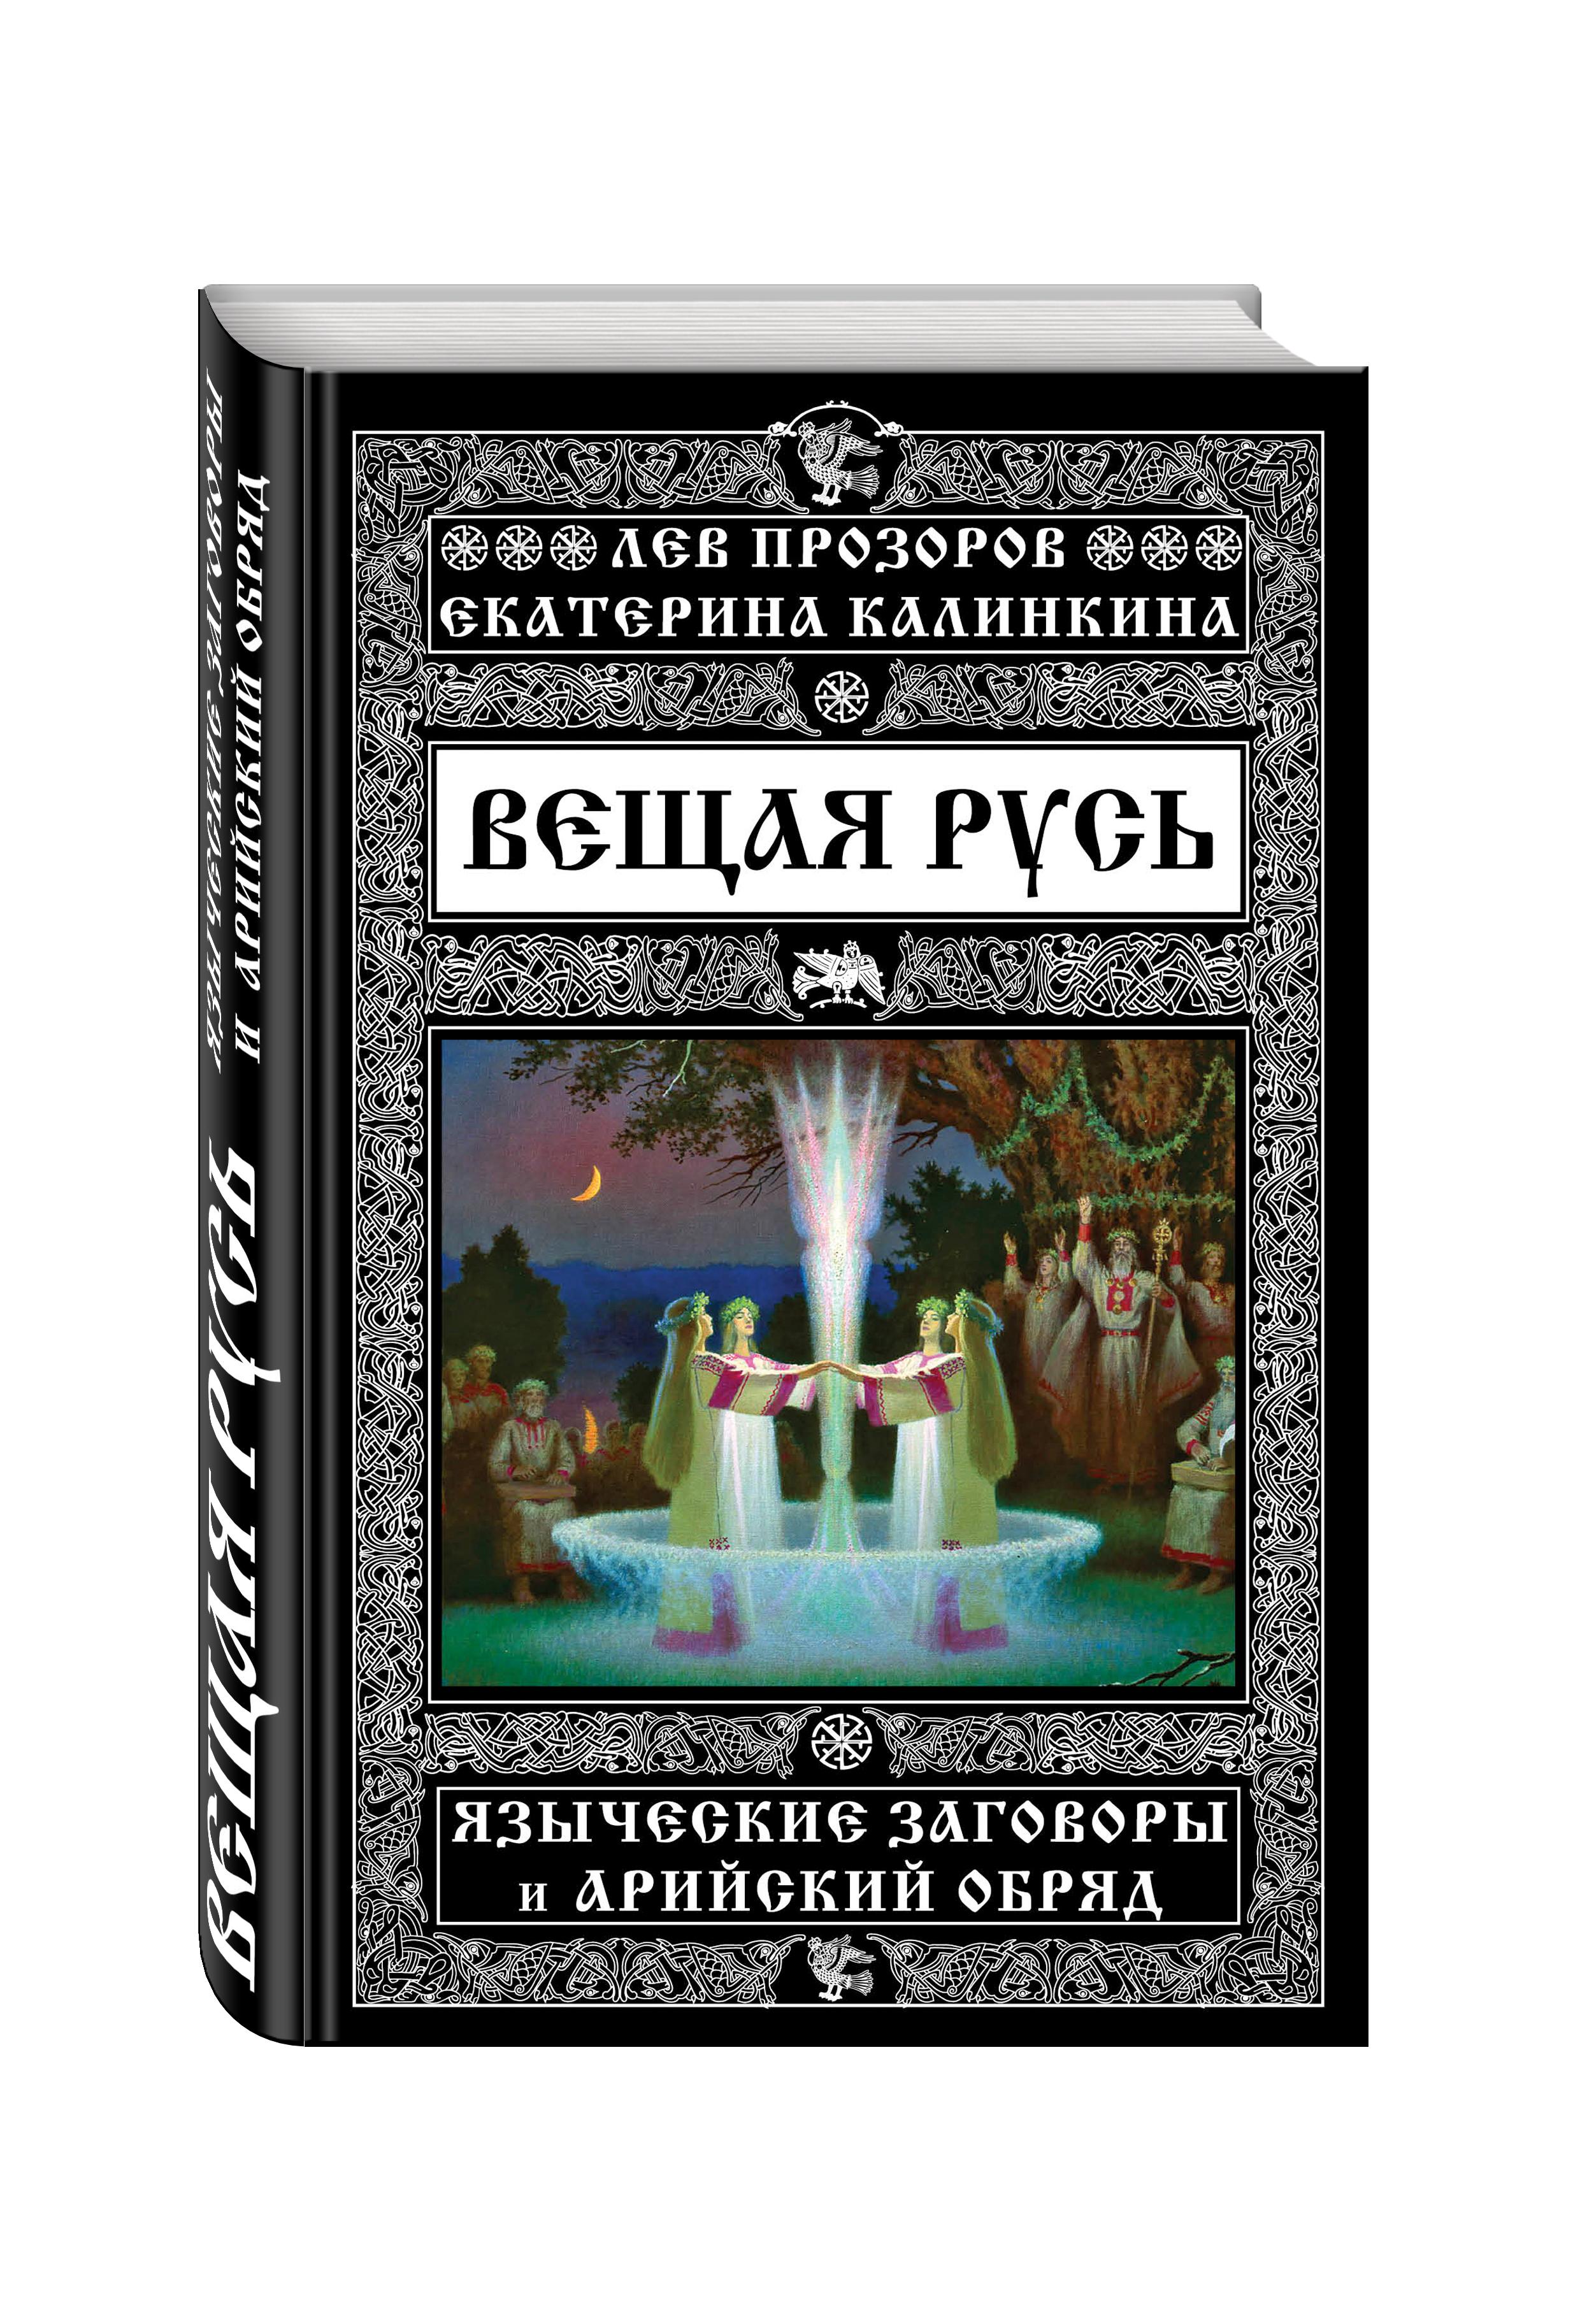 Вещая Русь. Языческие заговоры и арийский обряд ( Лев Прозоров, Екатерина Калинкина  )